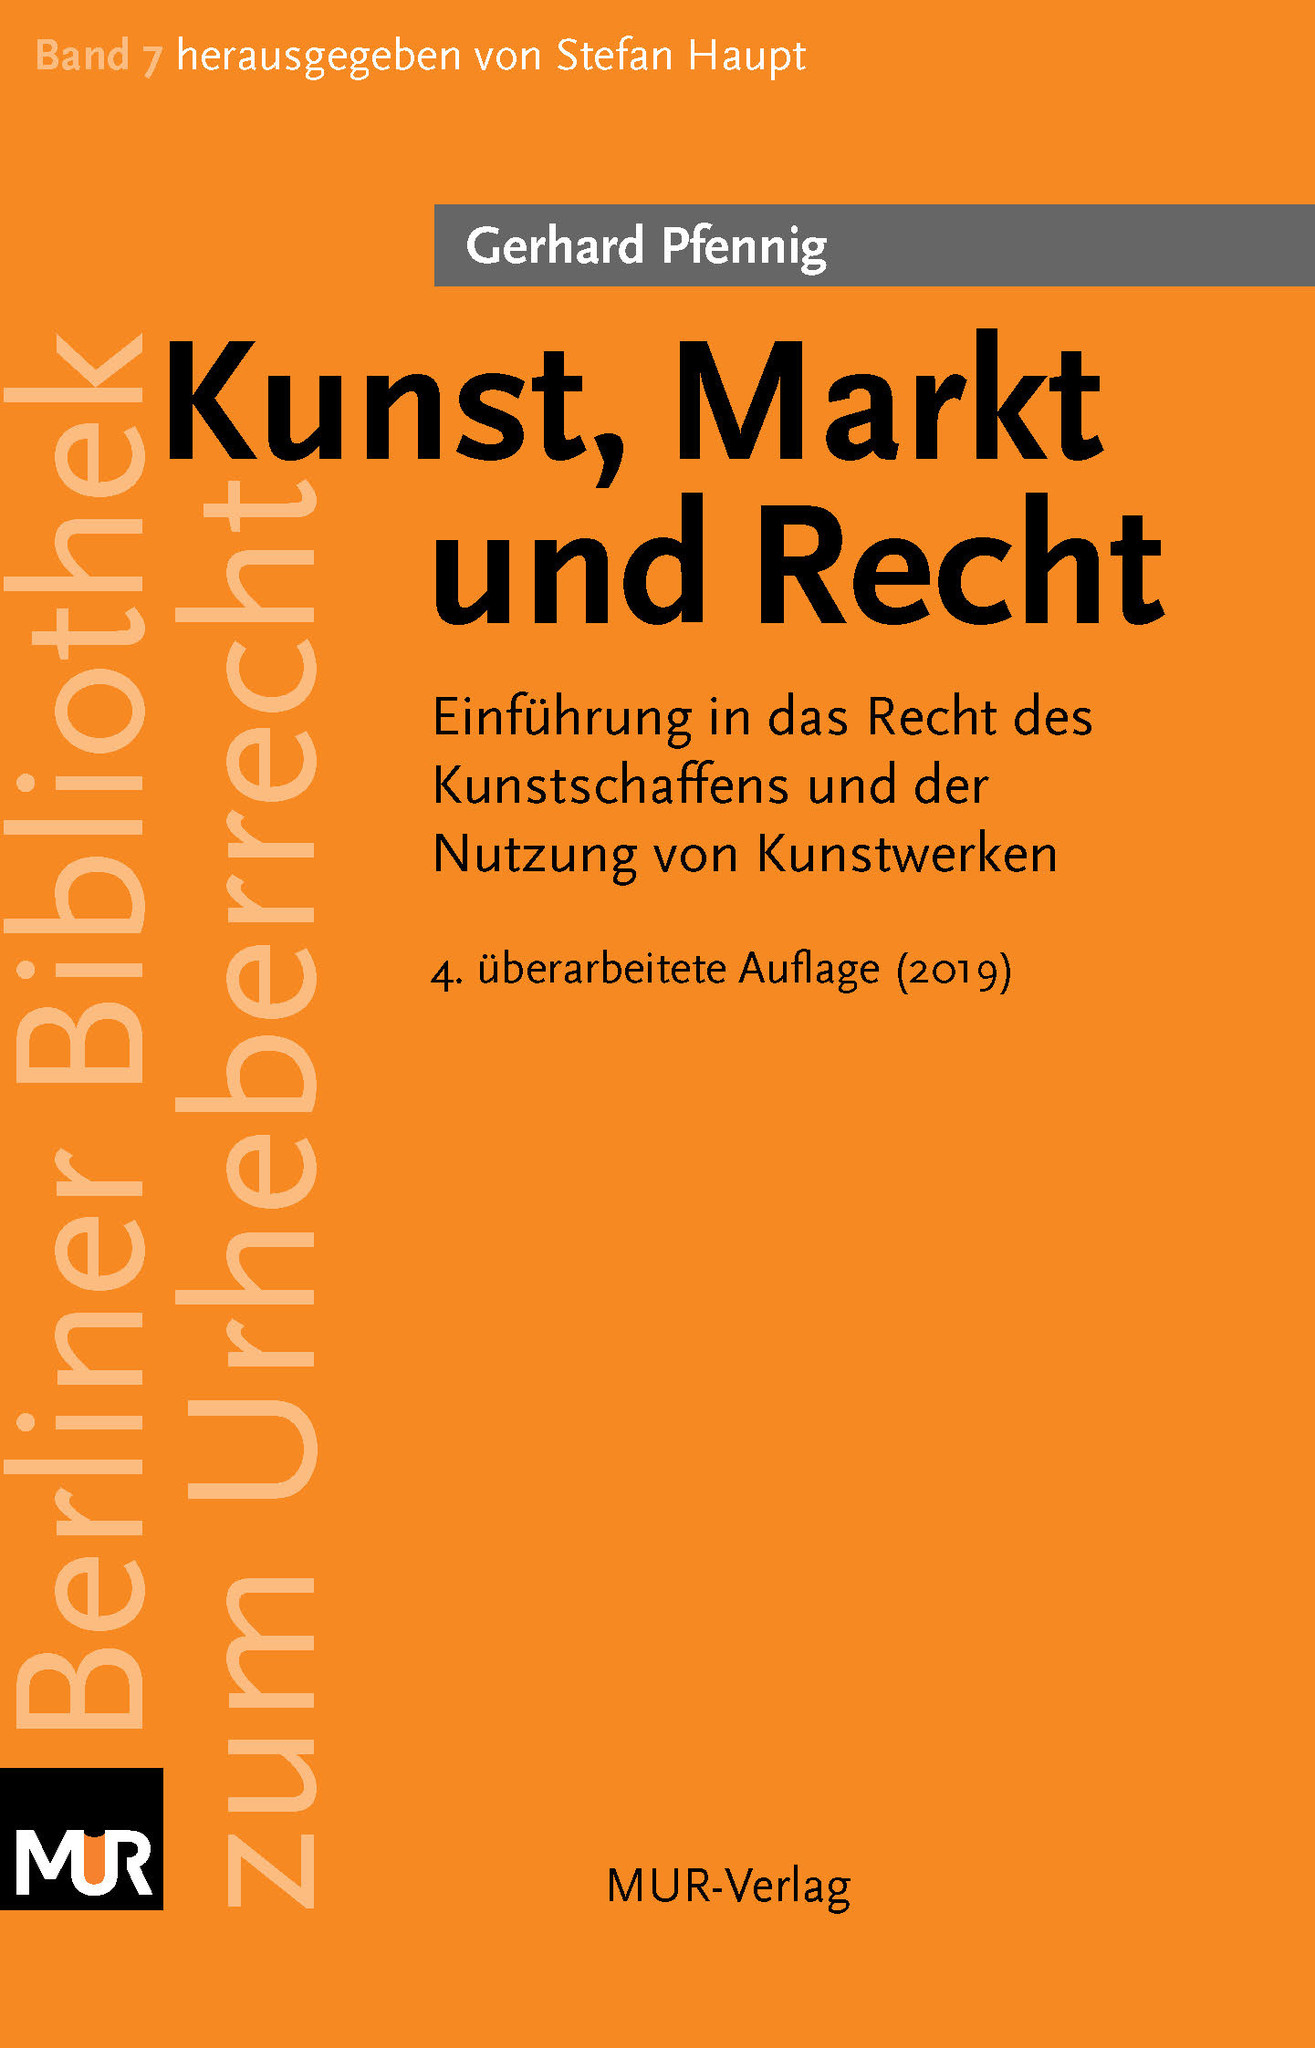 Kunst, Markt und Recht - Einführung in des Recht des Kunstschaffens und der Nutzung von Kunstwerken, von Gerhard Pfennig (4. Auflage, 2019)